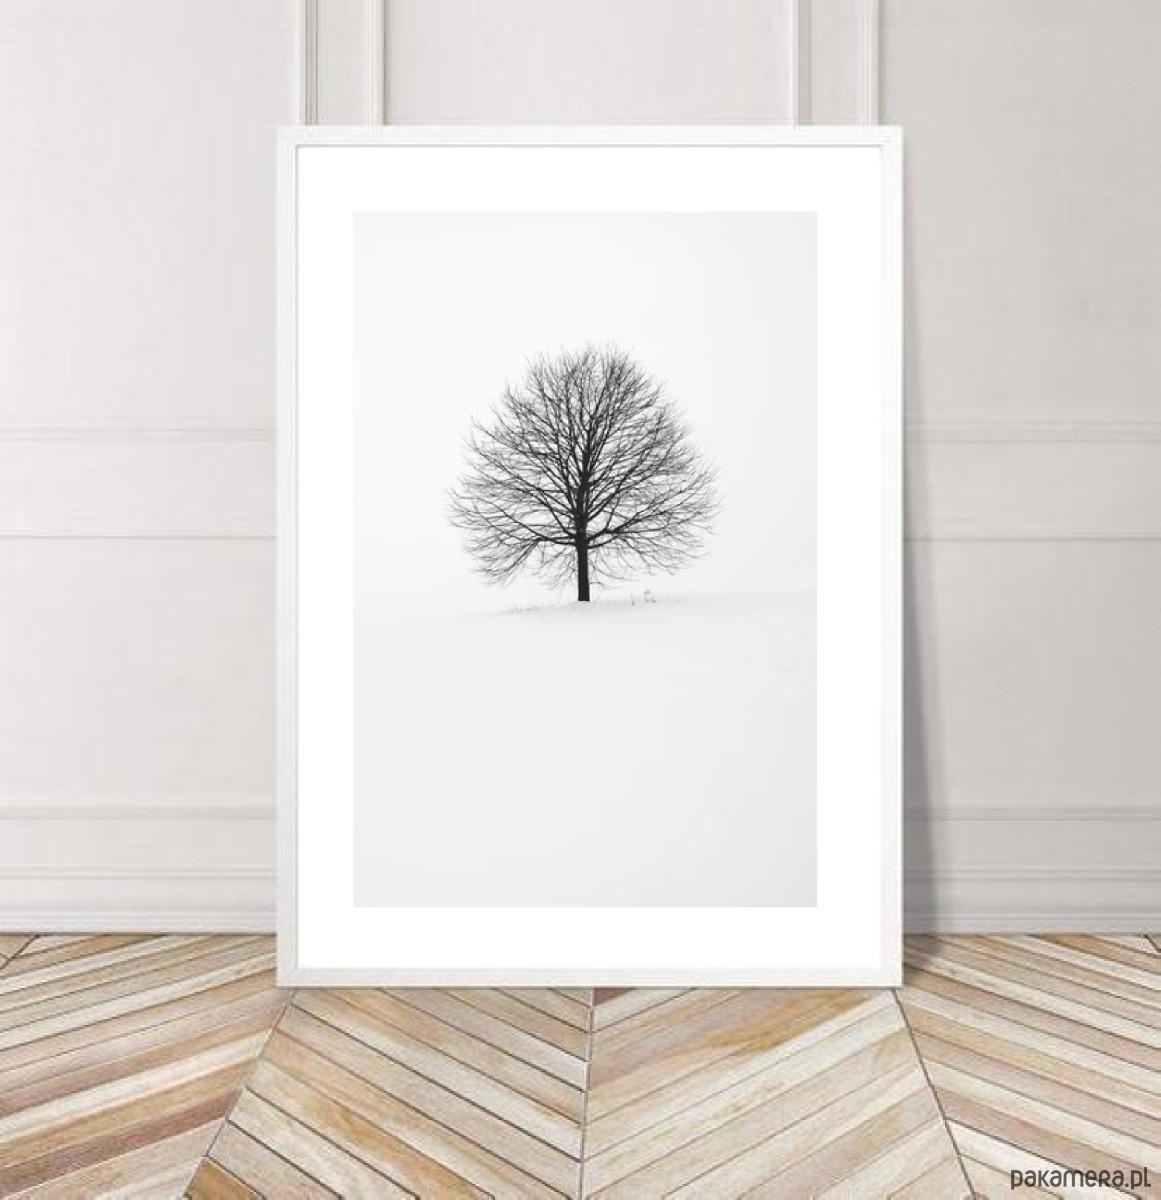 Plakat Samotne Drzewo Biało Czarny Foto Pakamerapl